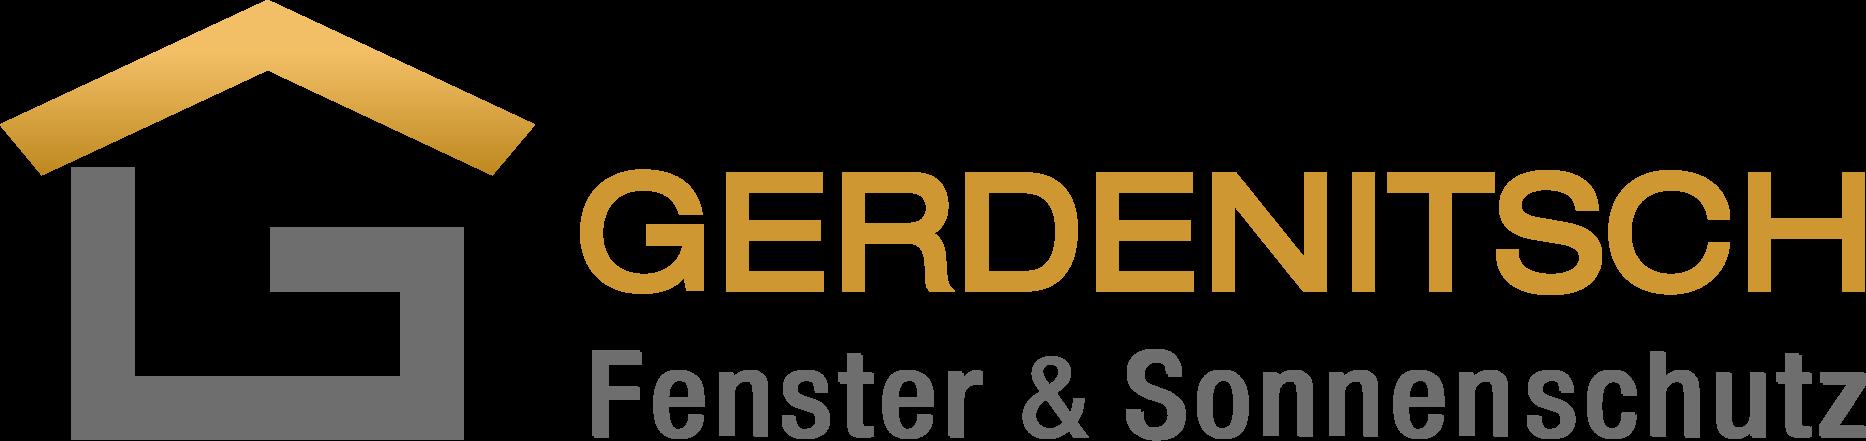 Gerdenitsch